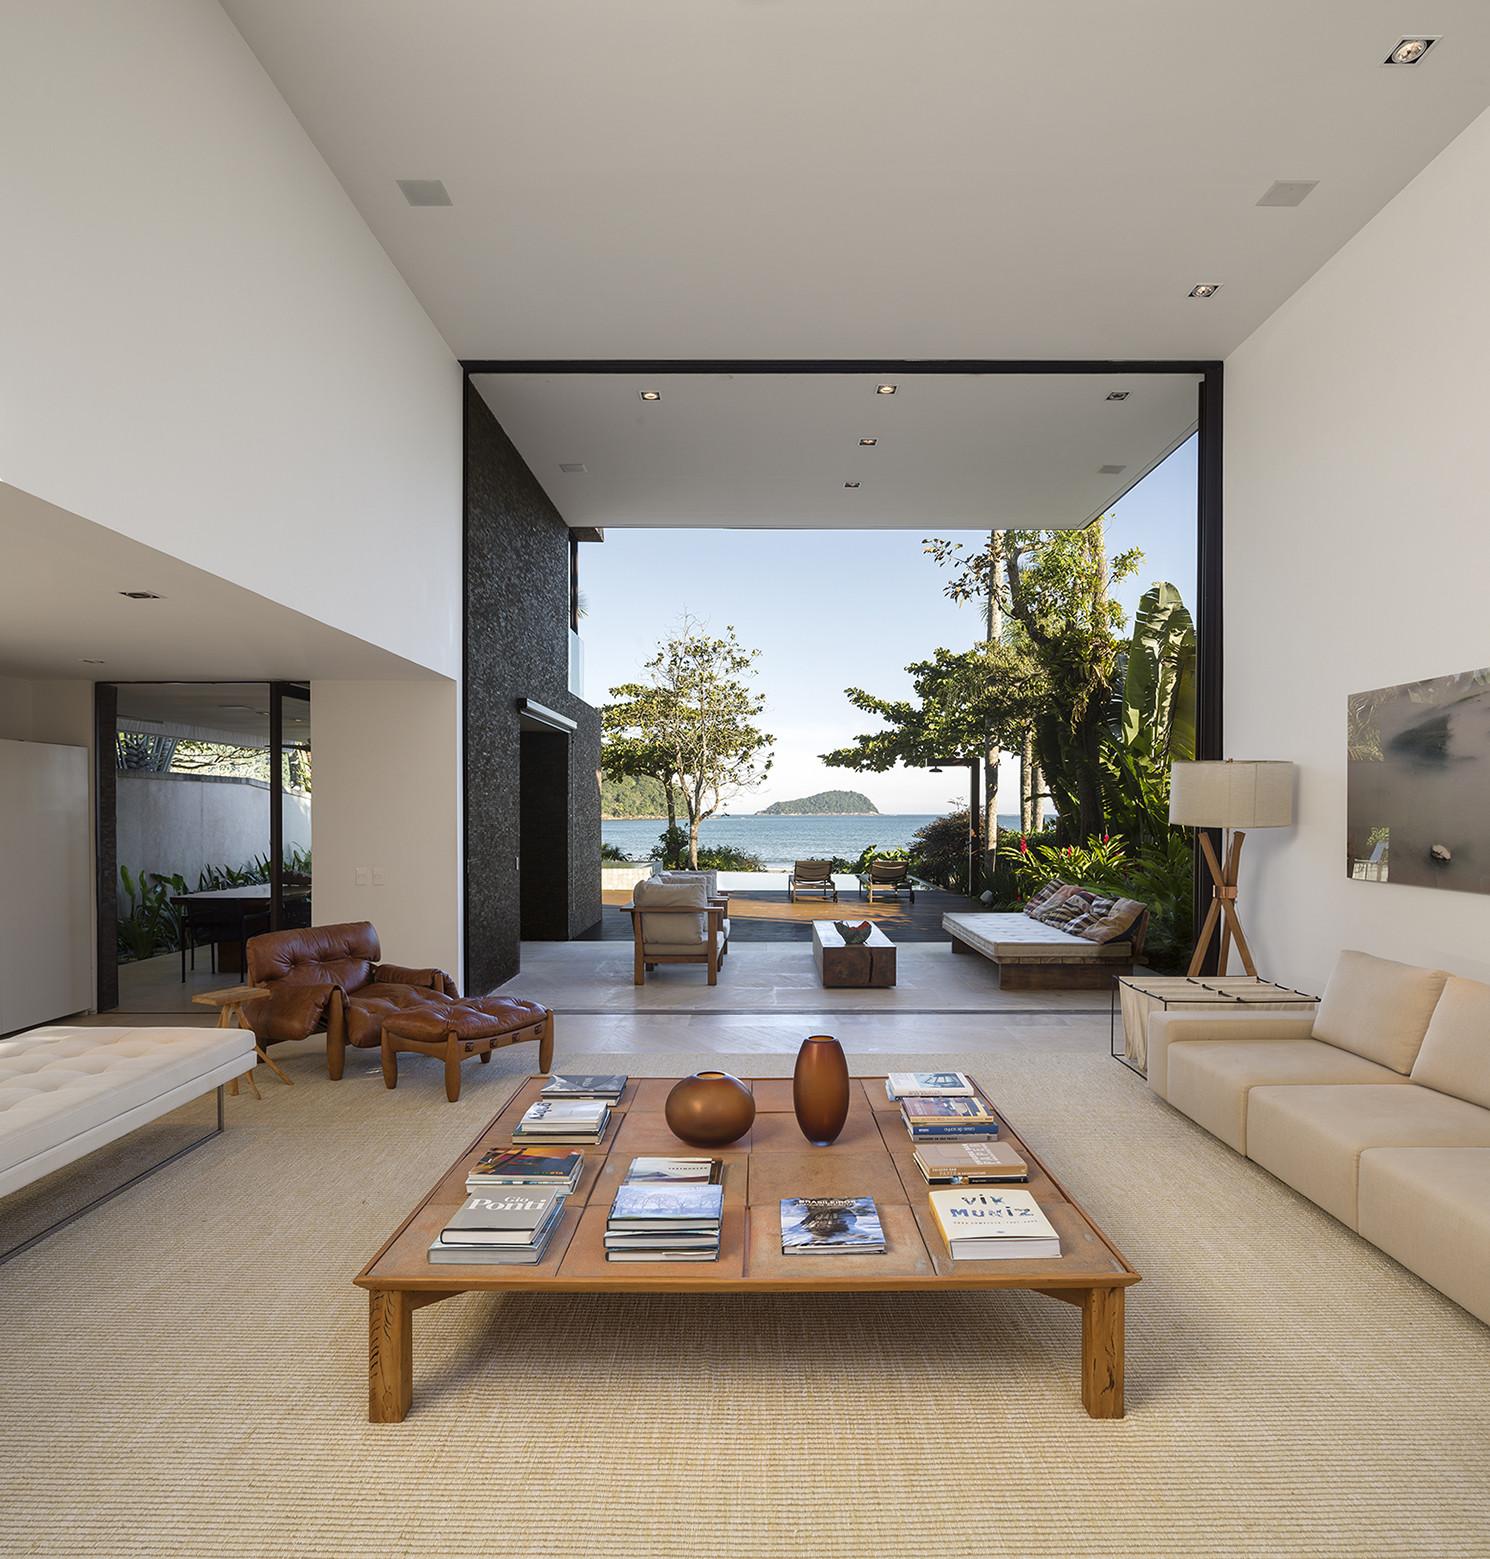 Madera Villa Apartments